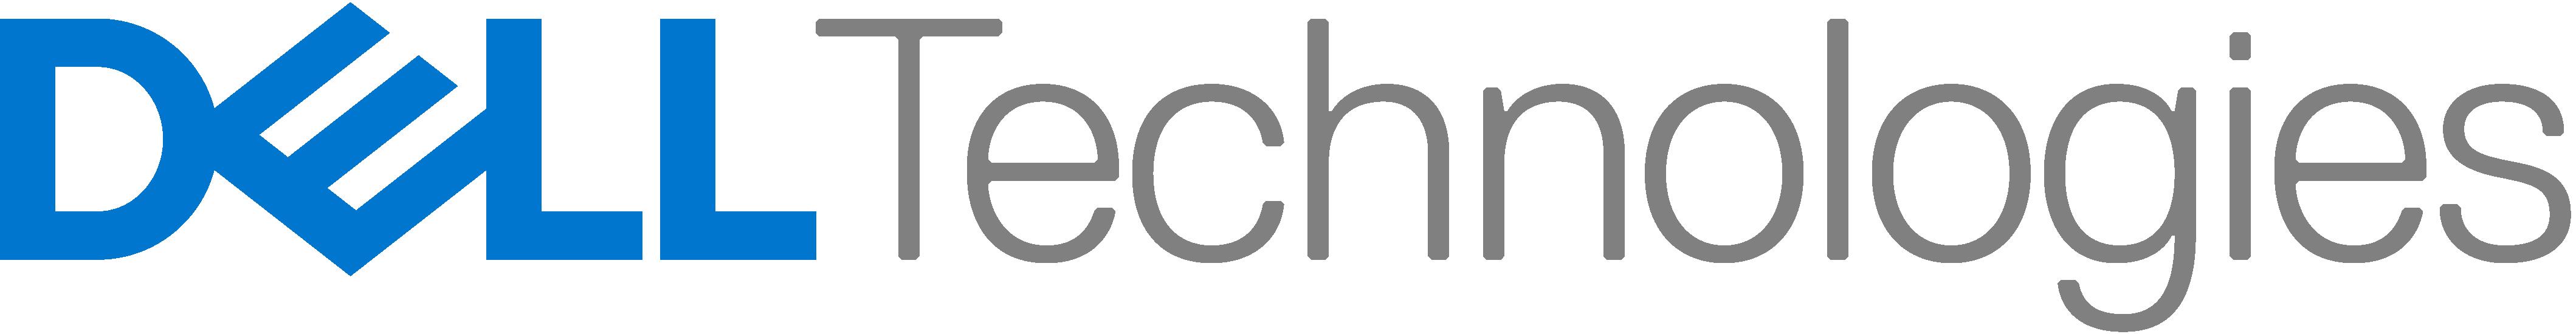 DellTech_Logo_Prm_Blue_Gry_rgb_DIGITAL.PNG